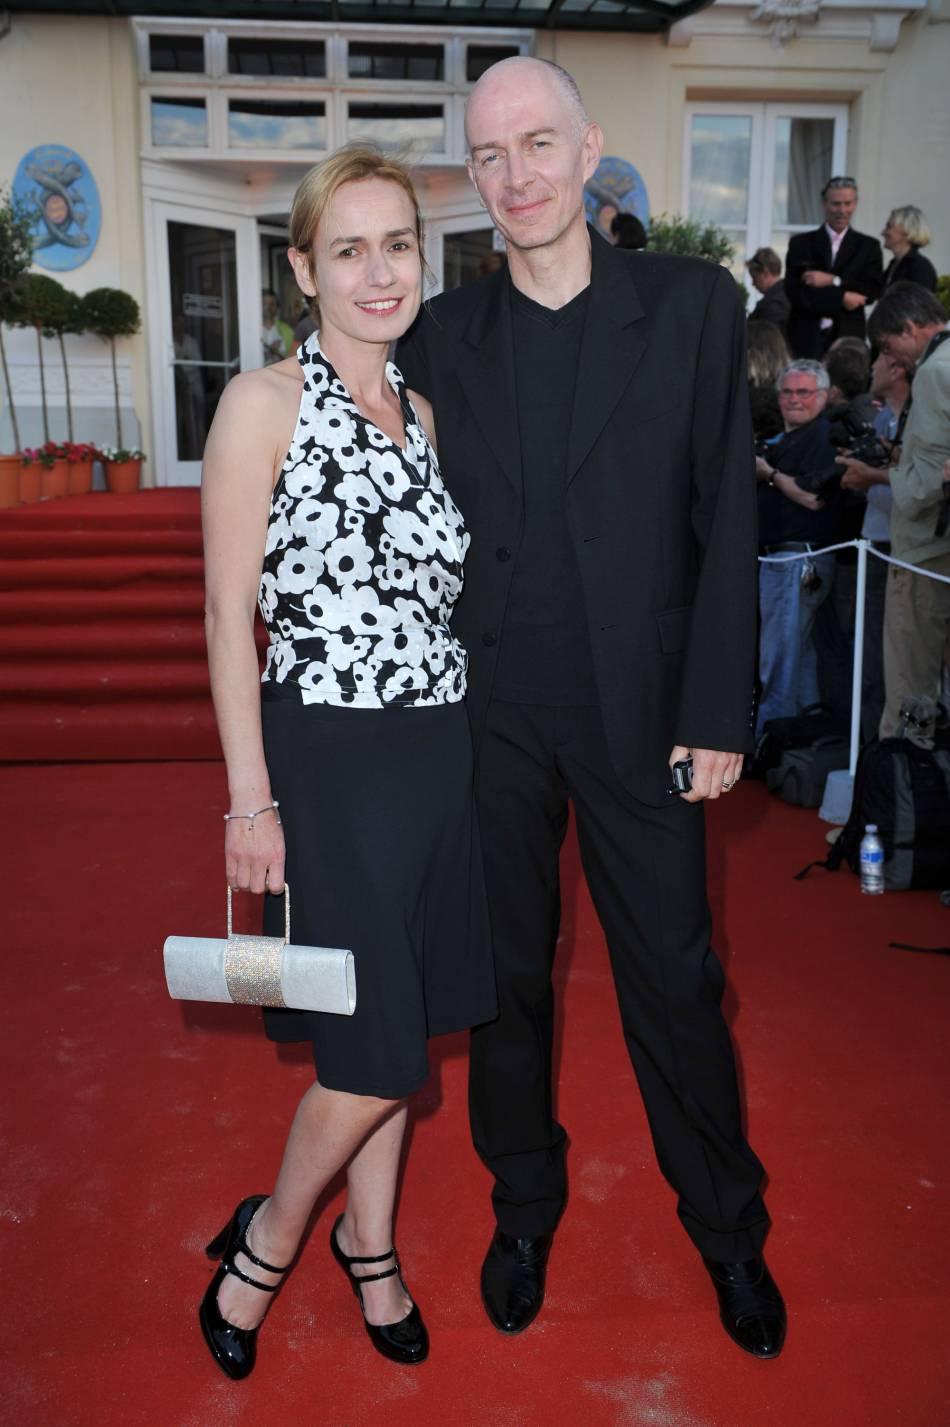 Sandrine Bonnaire et son bientôt ex-mari Guillaume Laurant, en 2009, lors du Festival du film romantique de Cabourg.